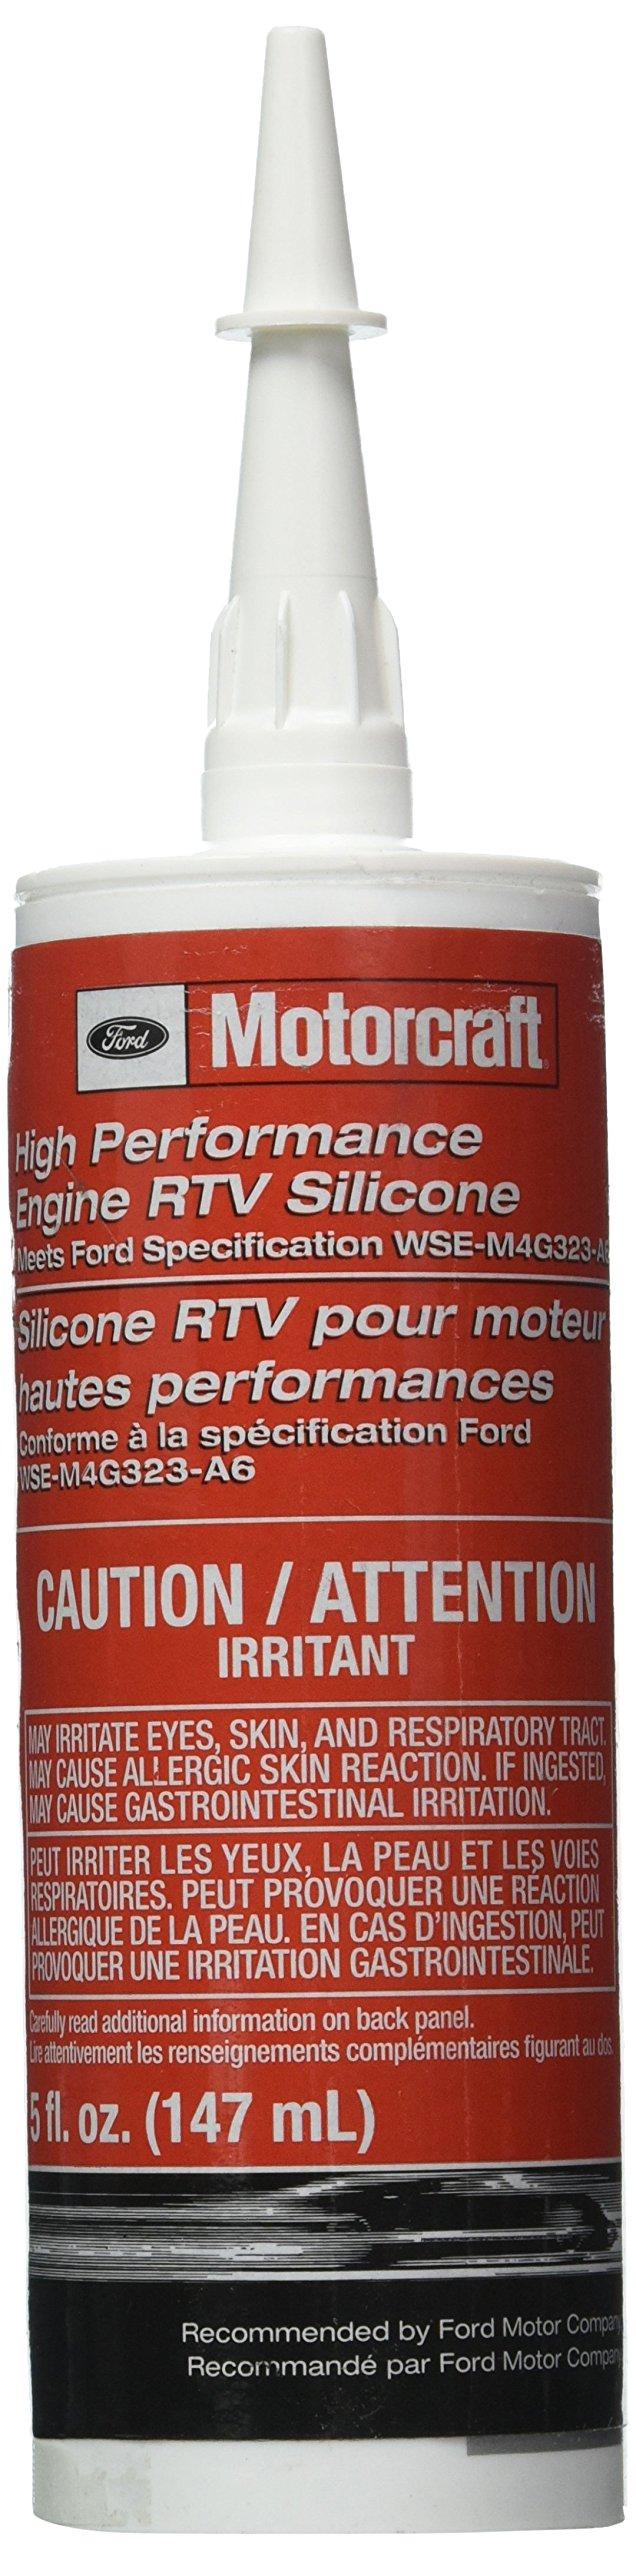 Ford Genuine Fluid TA-357 High Performance Engine RTV Silicone - 5 oz.